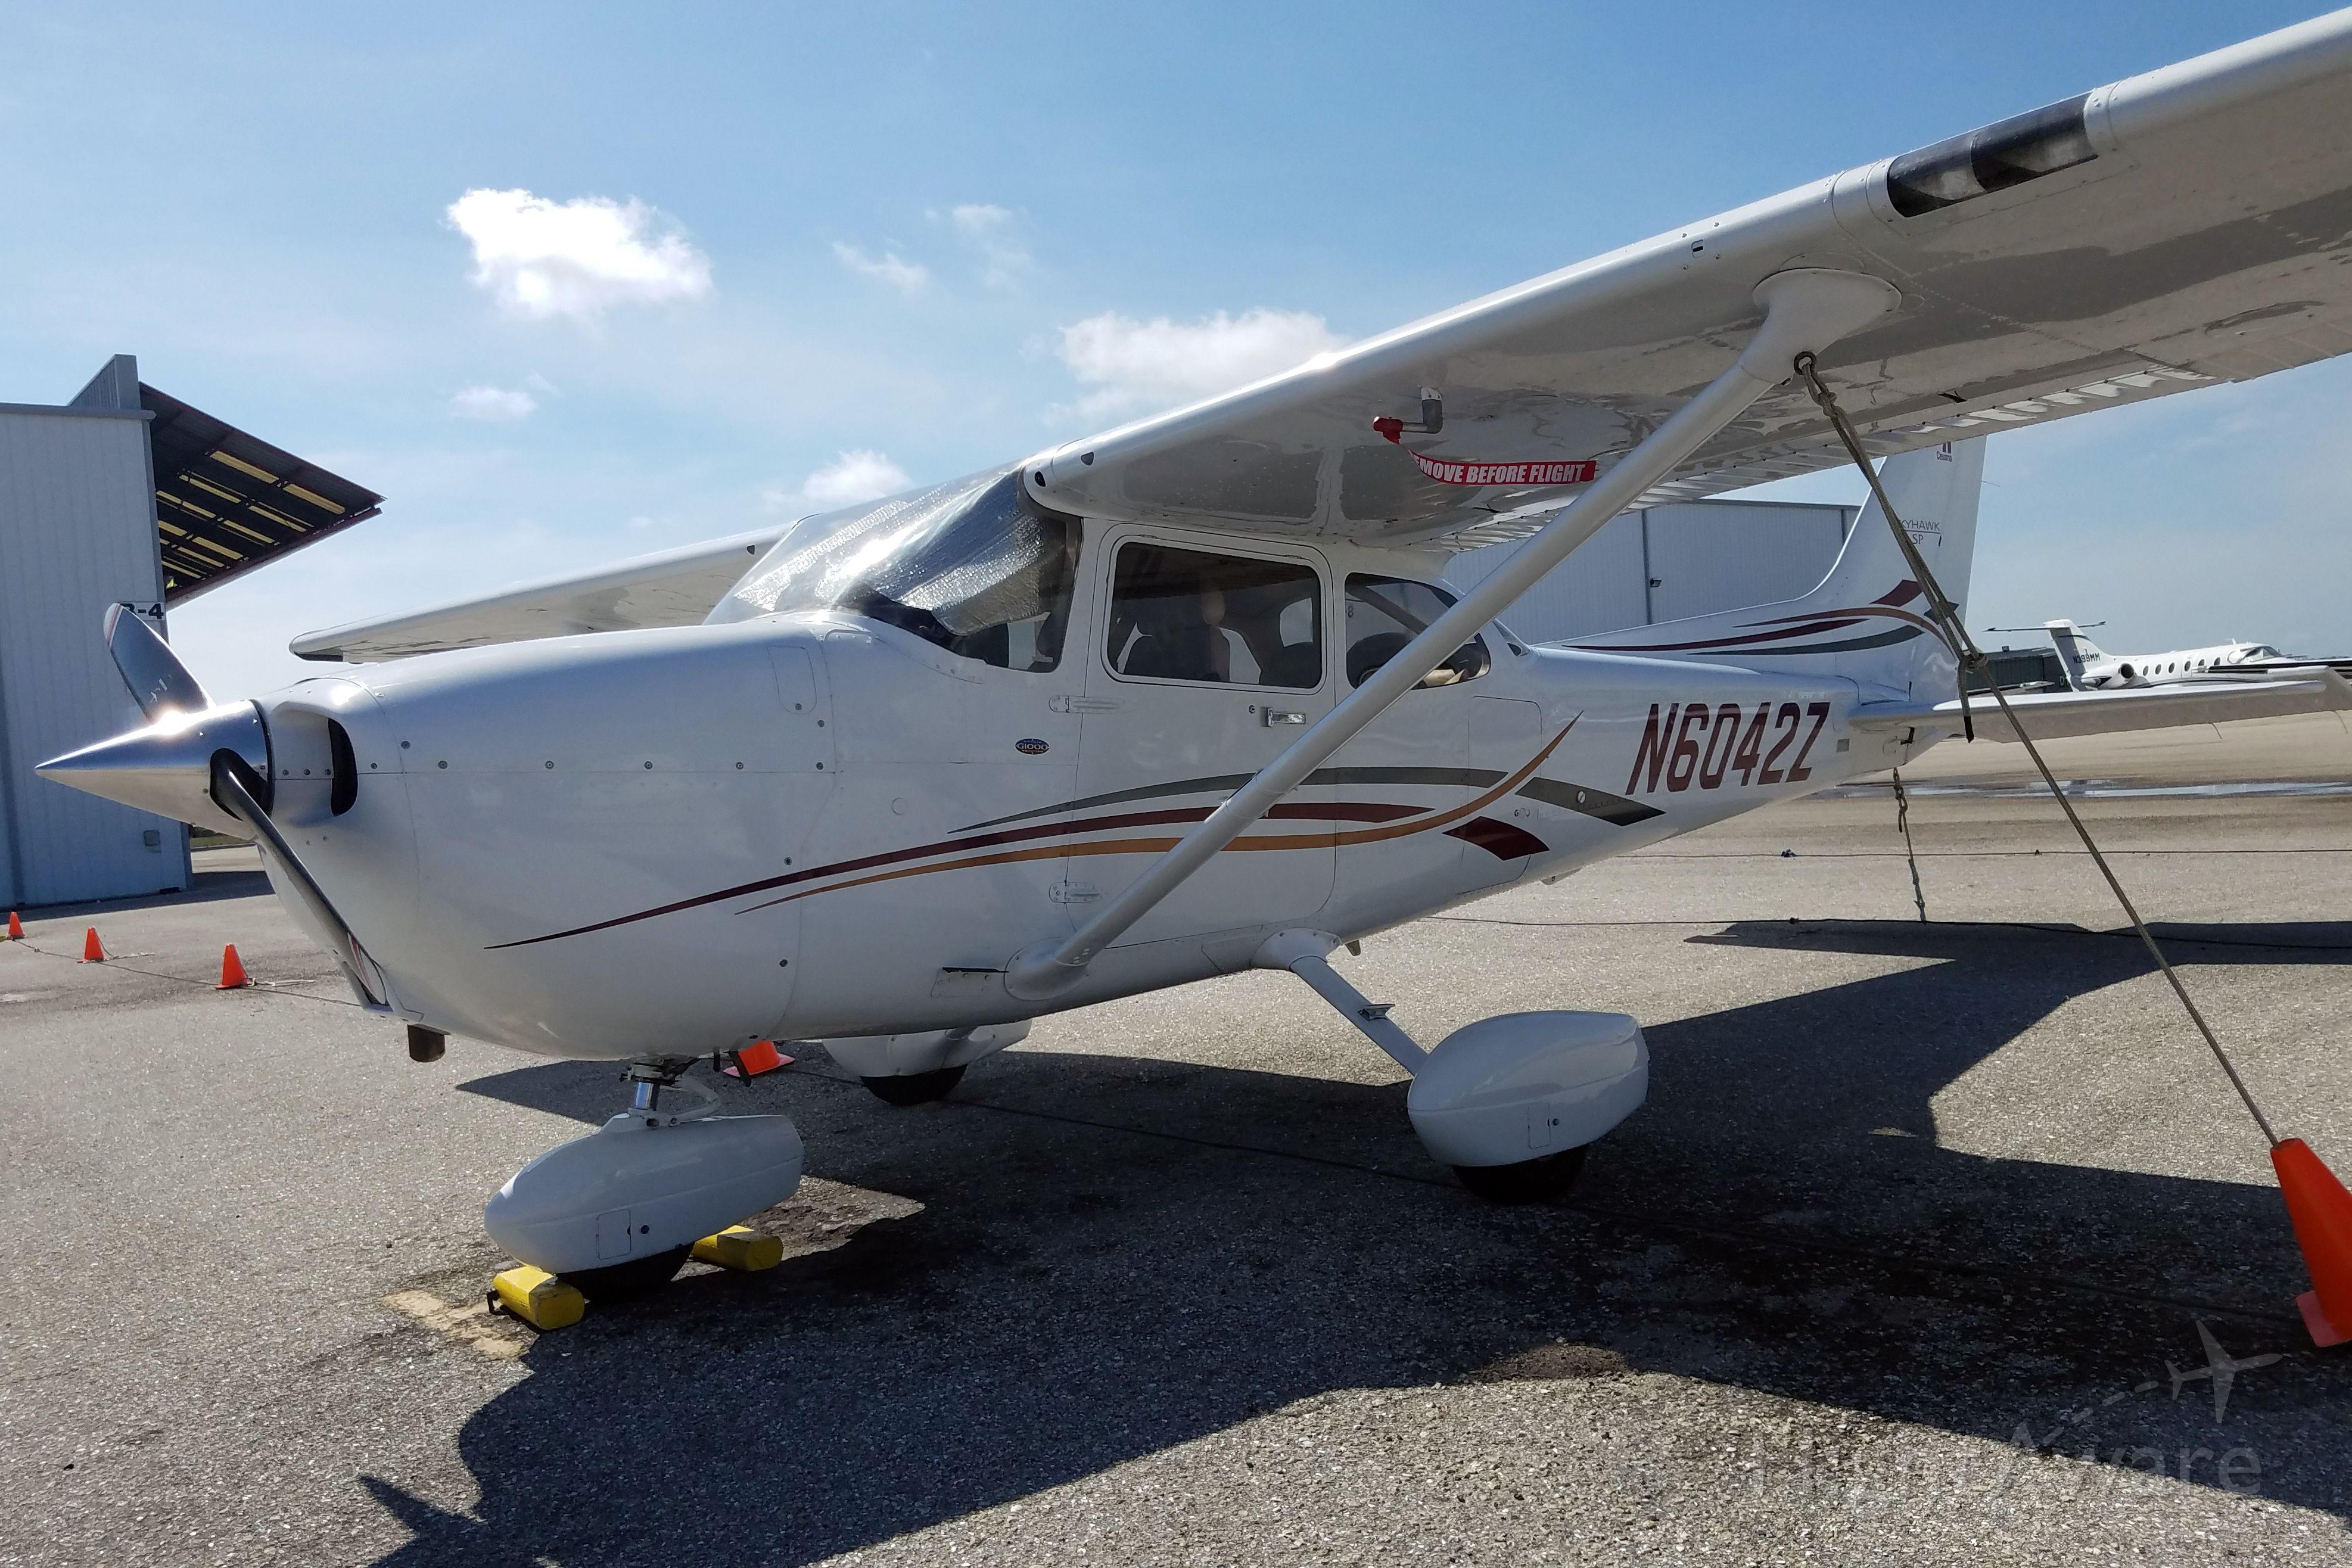 Cessna Skyhawk (N6042Z)